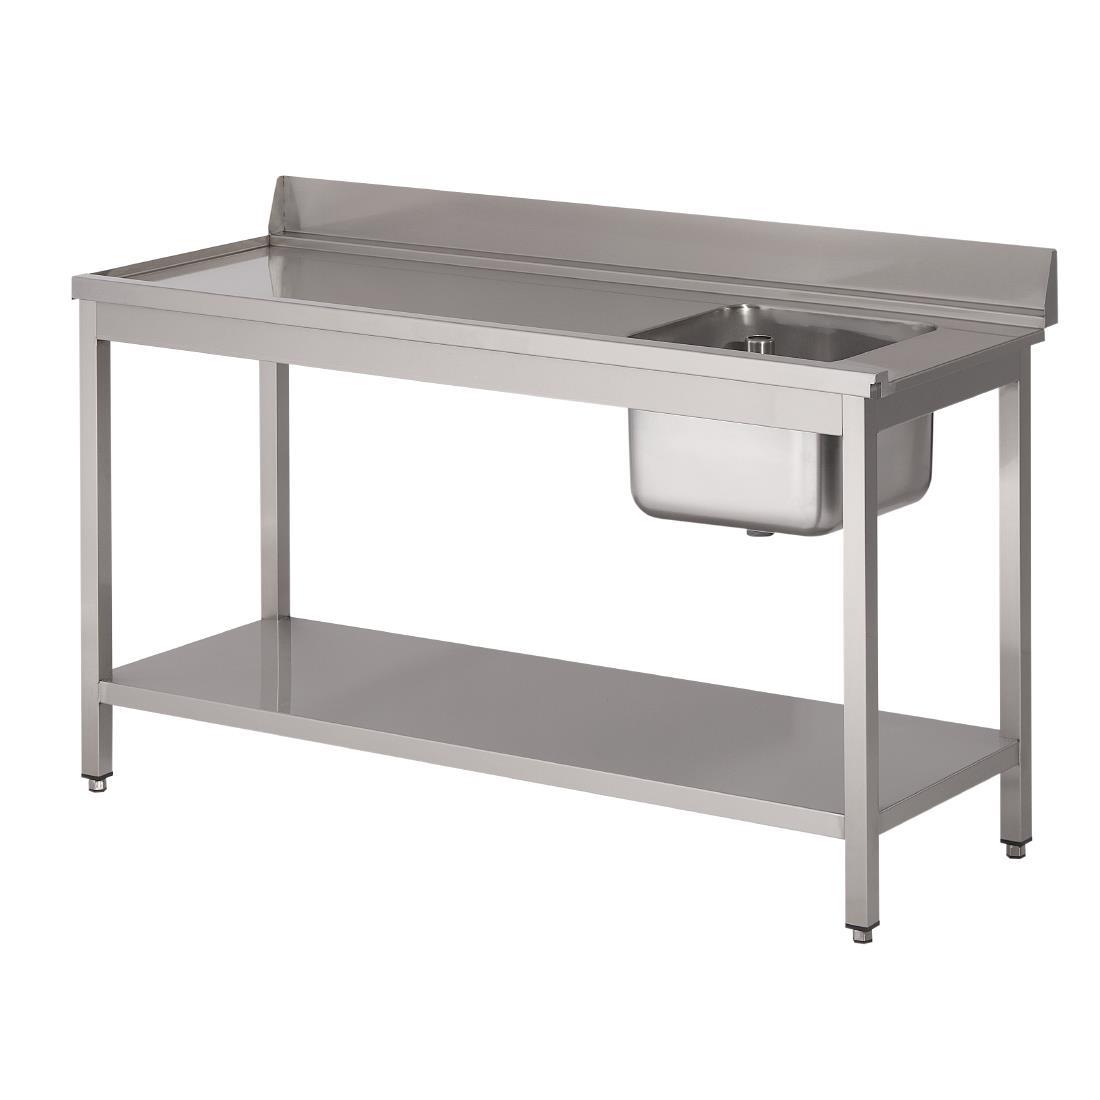 Table d\'entrée lave-vaisselle inox avec bac à droite dosseret et tablette inférieure Gastro M 850x1400x700mm